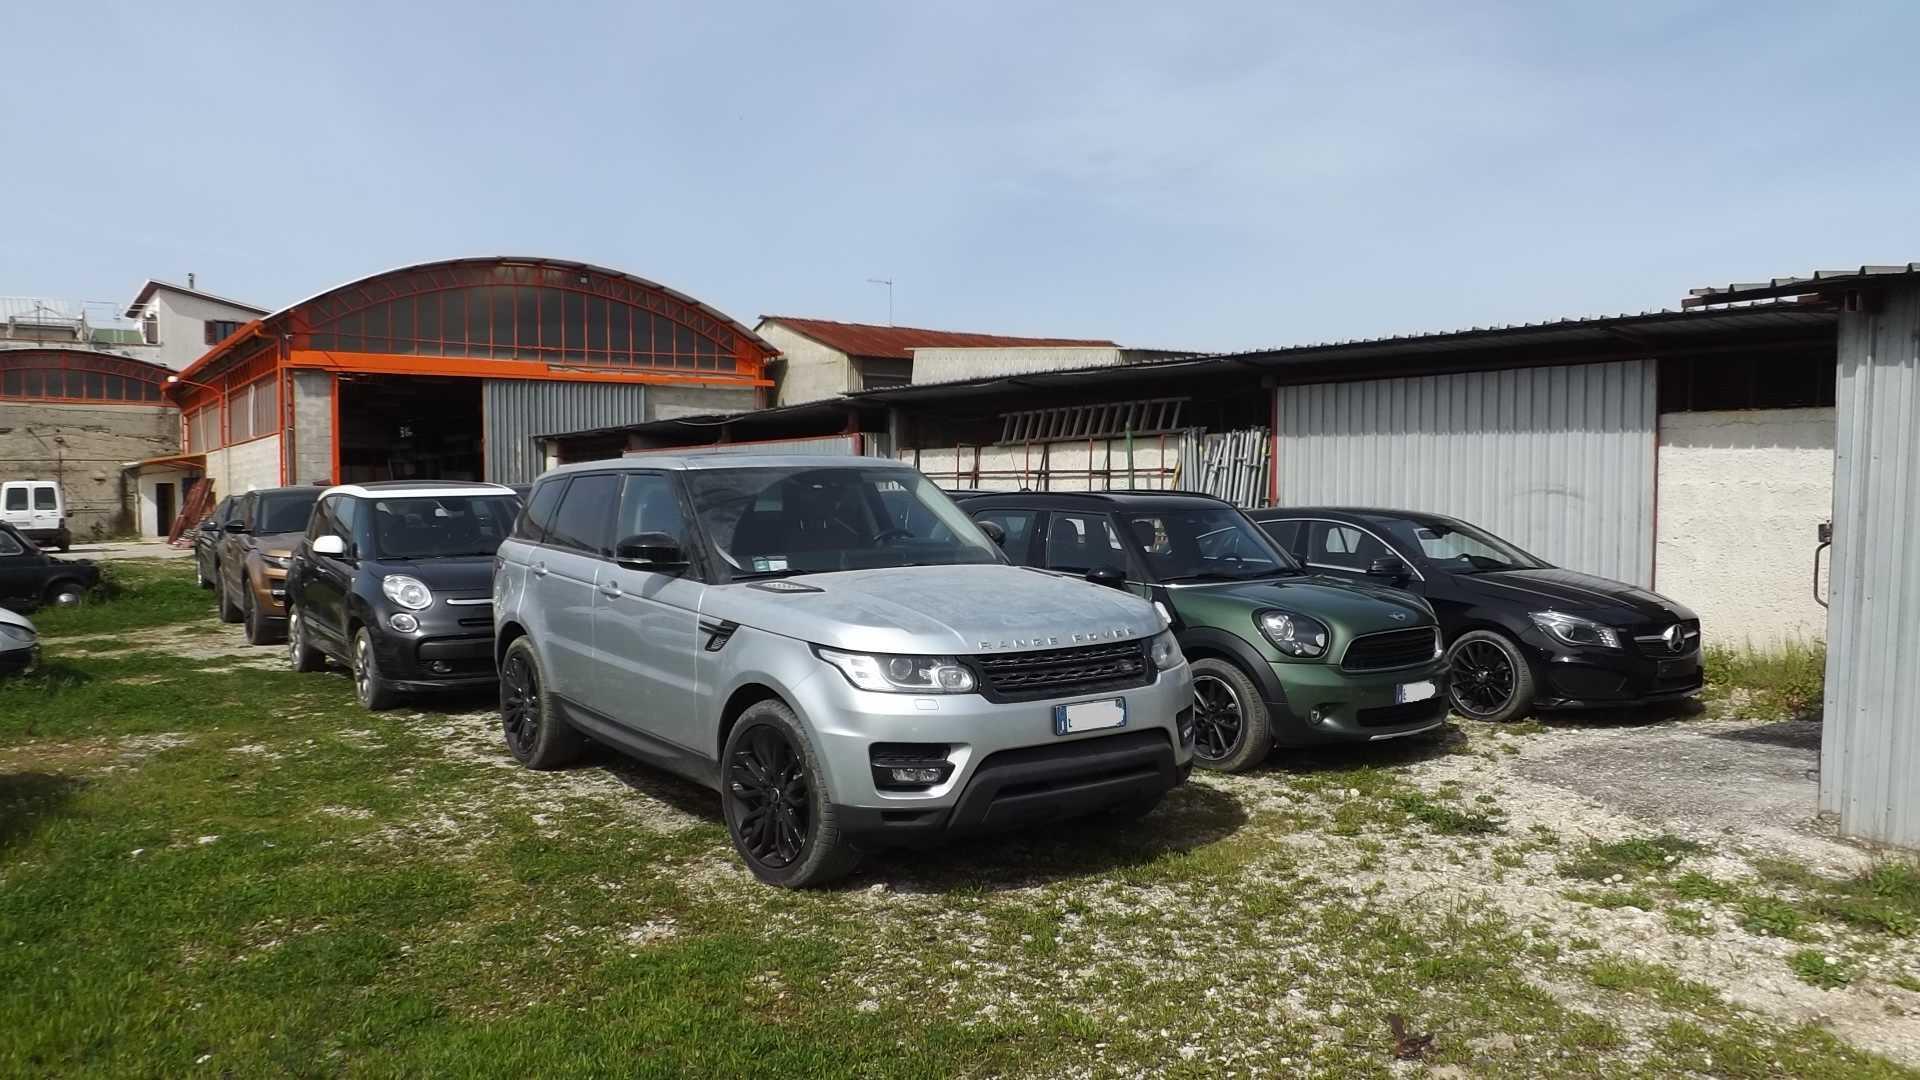 Agropoli: riciclava autovetture rubate: sequestrate altre 11 automobili